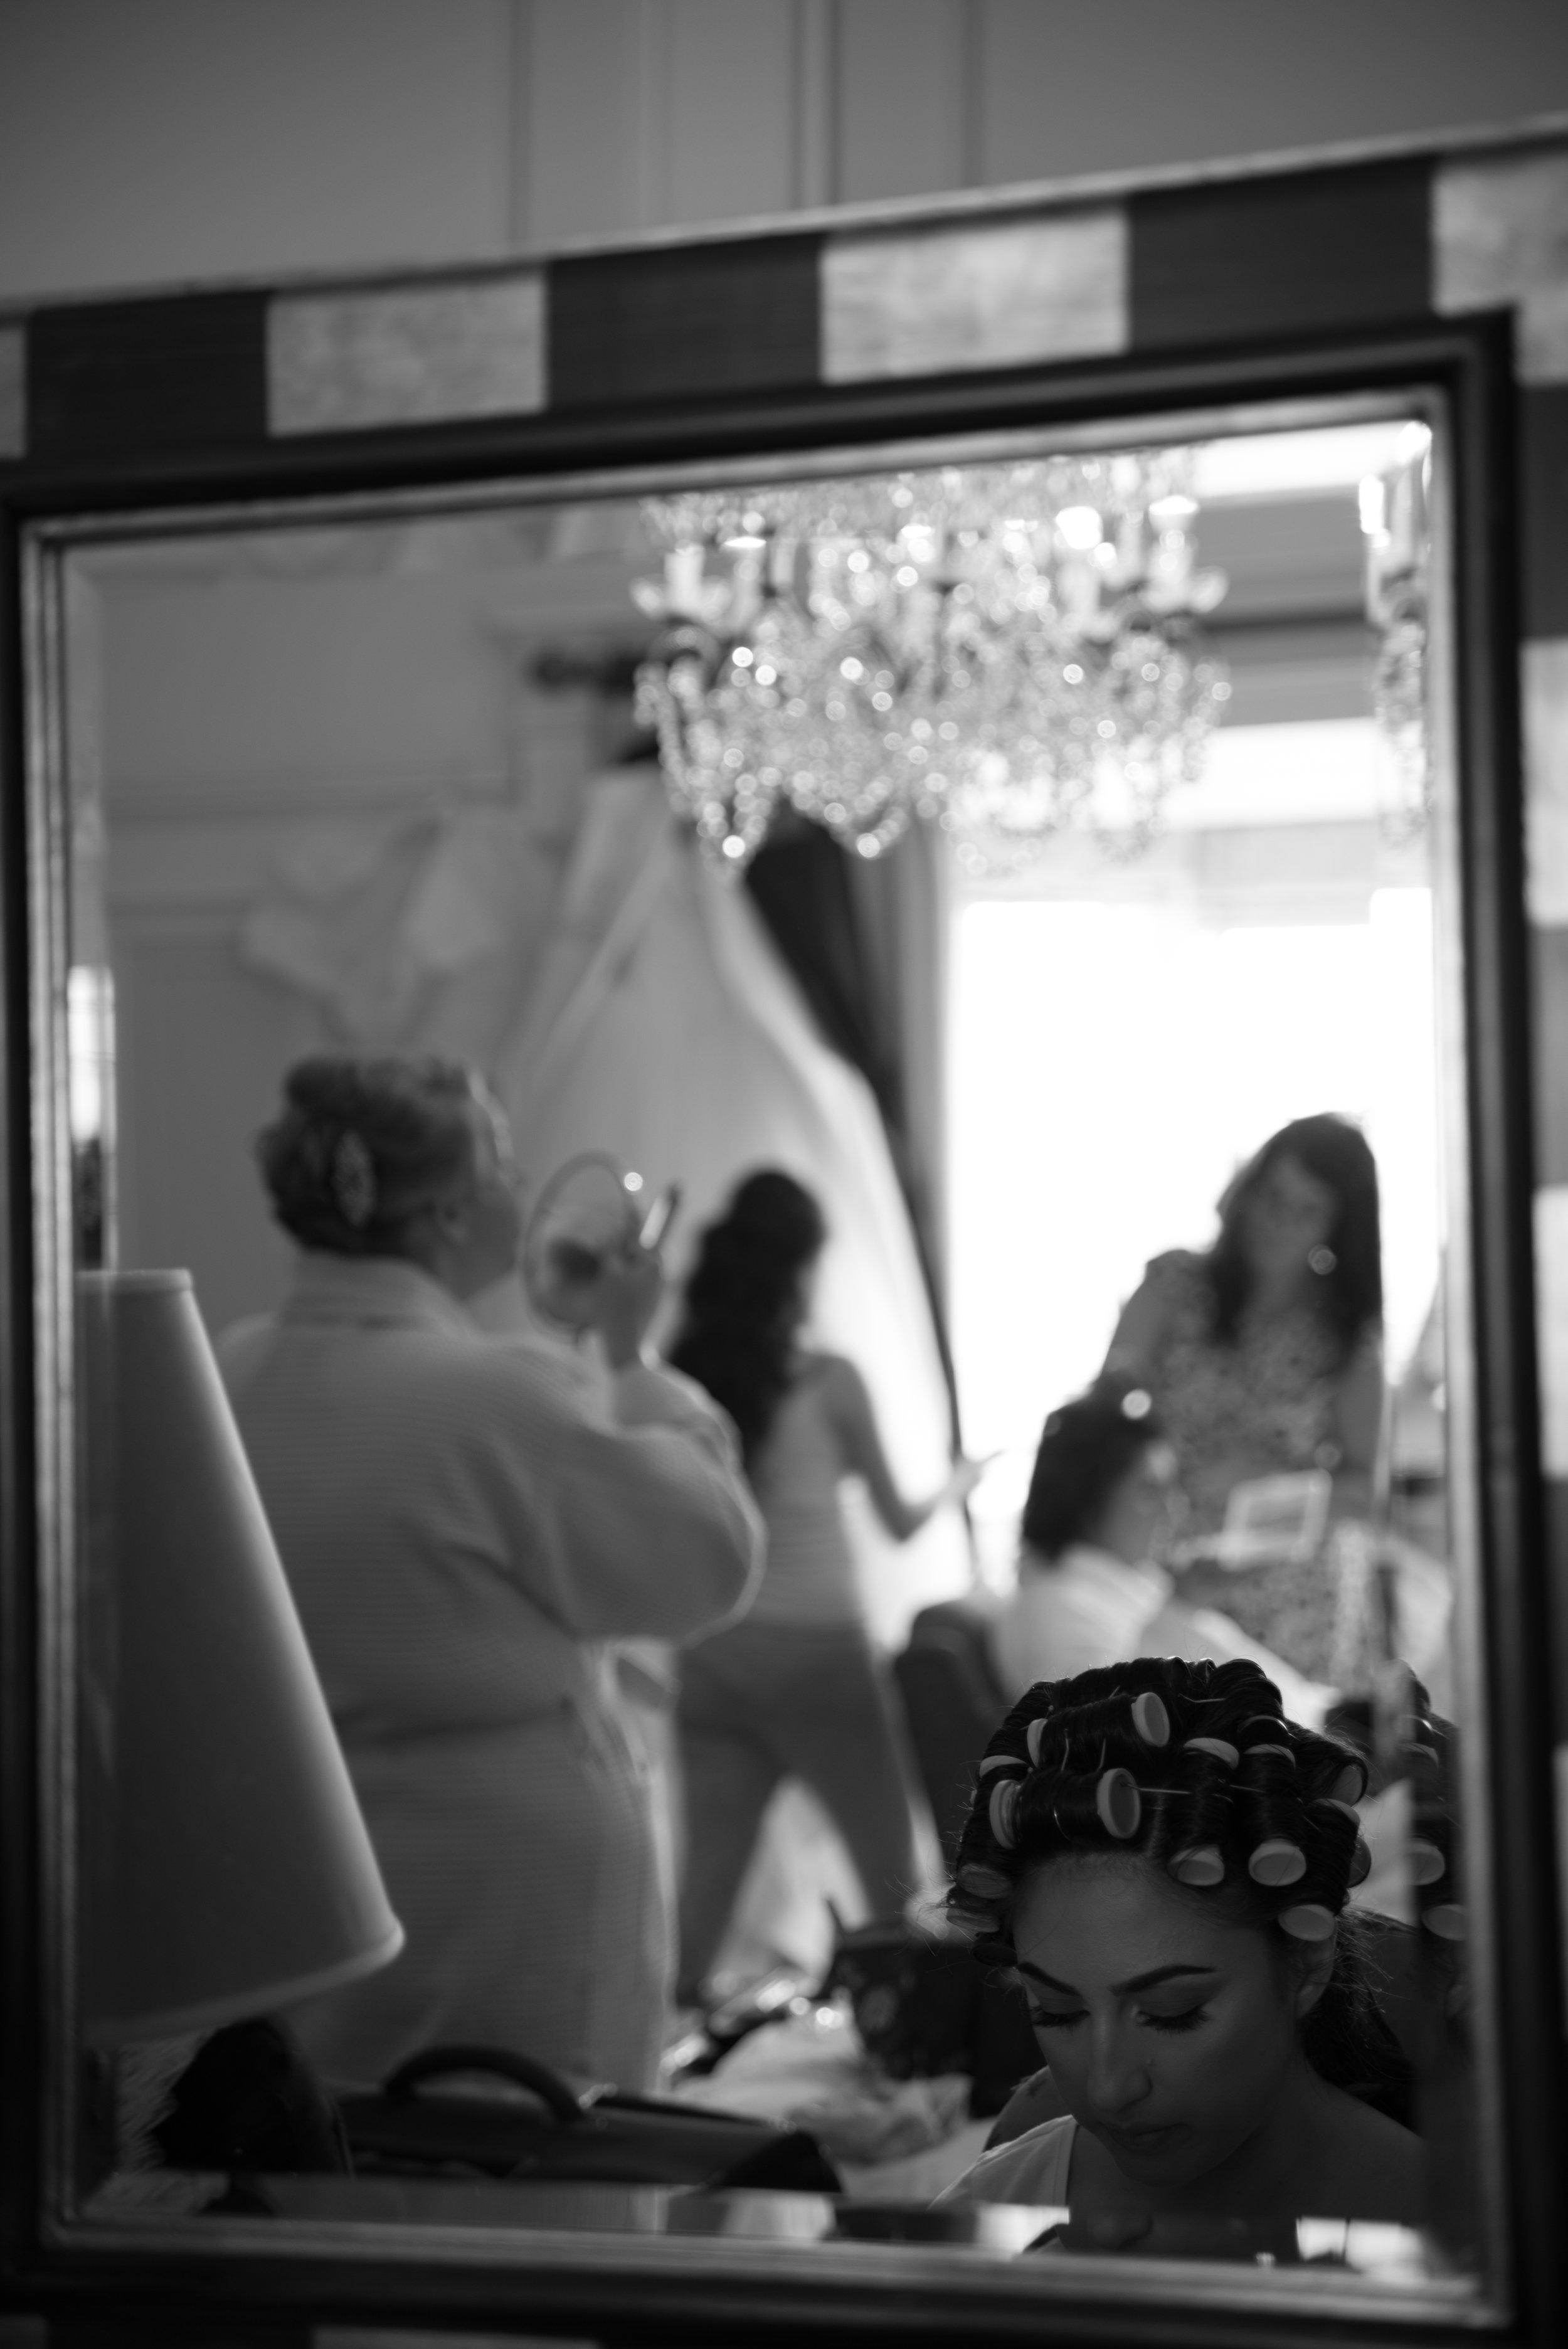 Danesfield House wedding, Danesfield House wedding photography, Danesfield House wedding photography